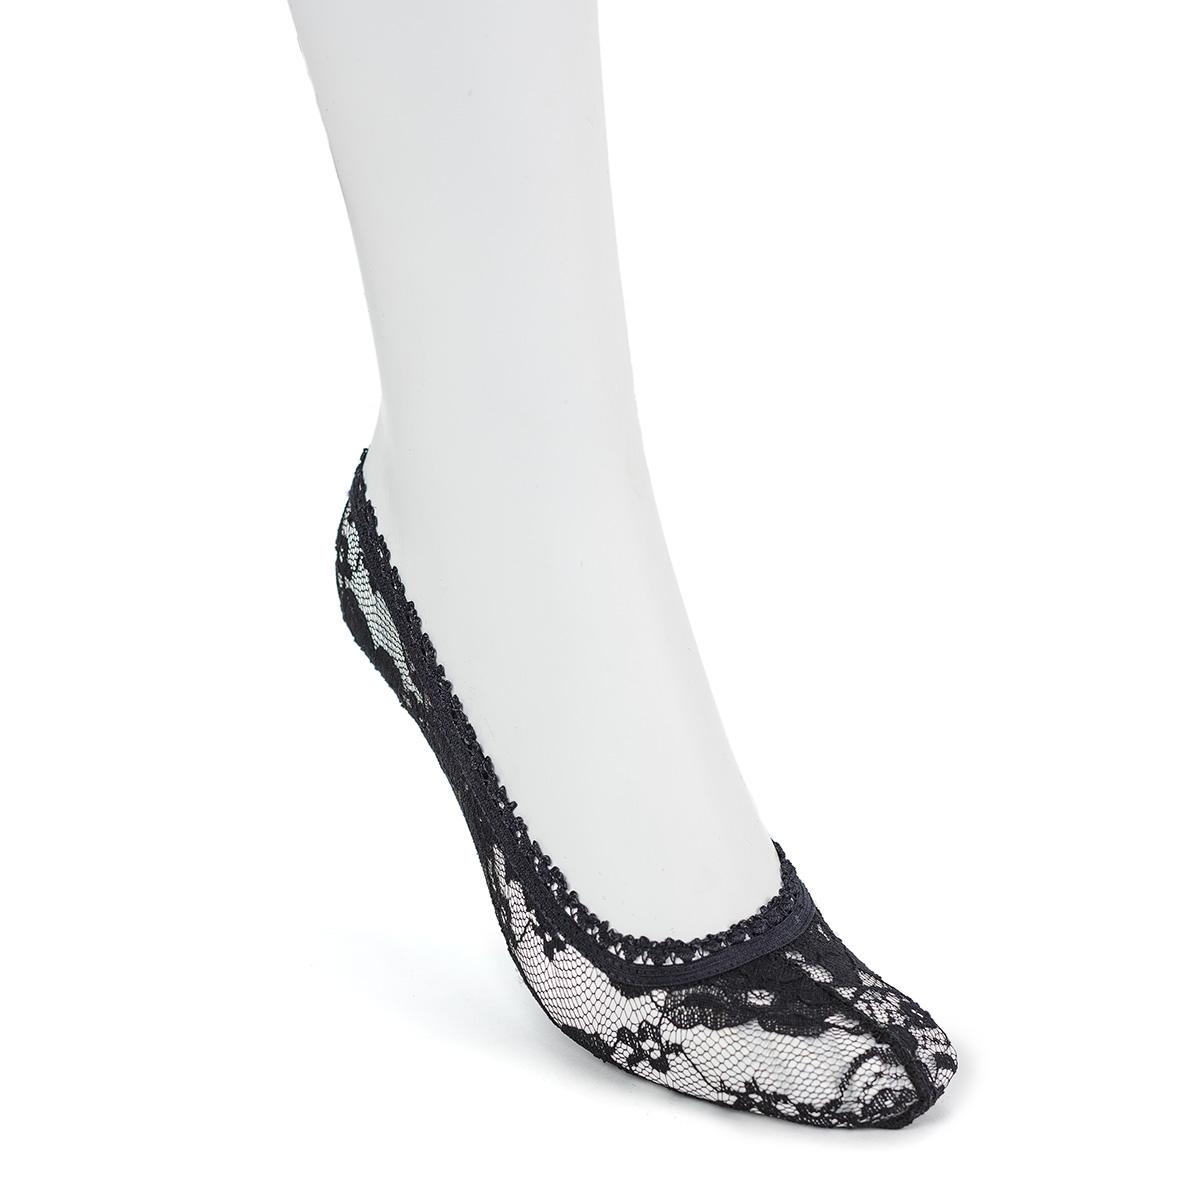 Следки Анфиса, цвет ЧерныйНоски и чулки<br><br><br>Тип: Жен. носки<br>Размер: 35-37<br>Материал: Полиэстер